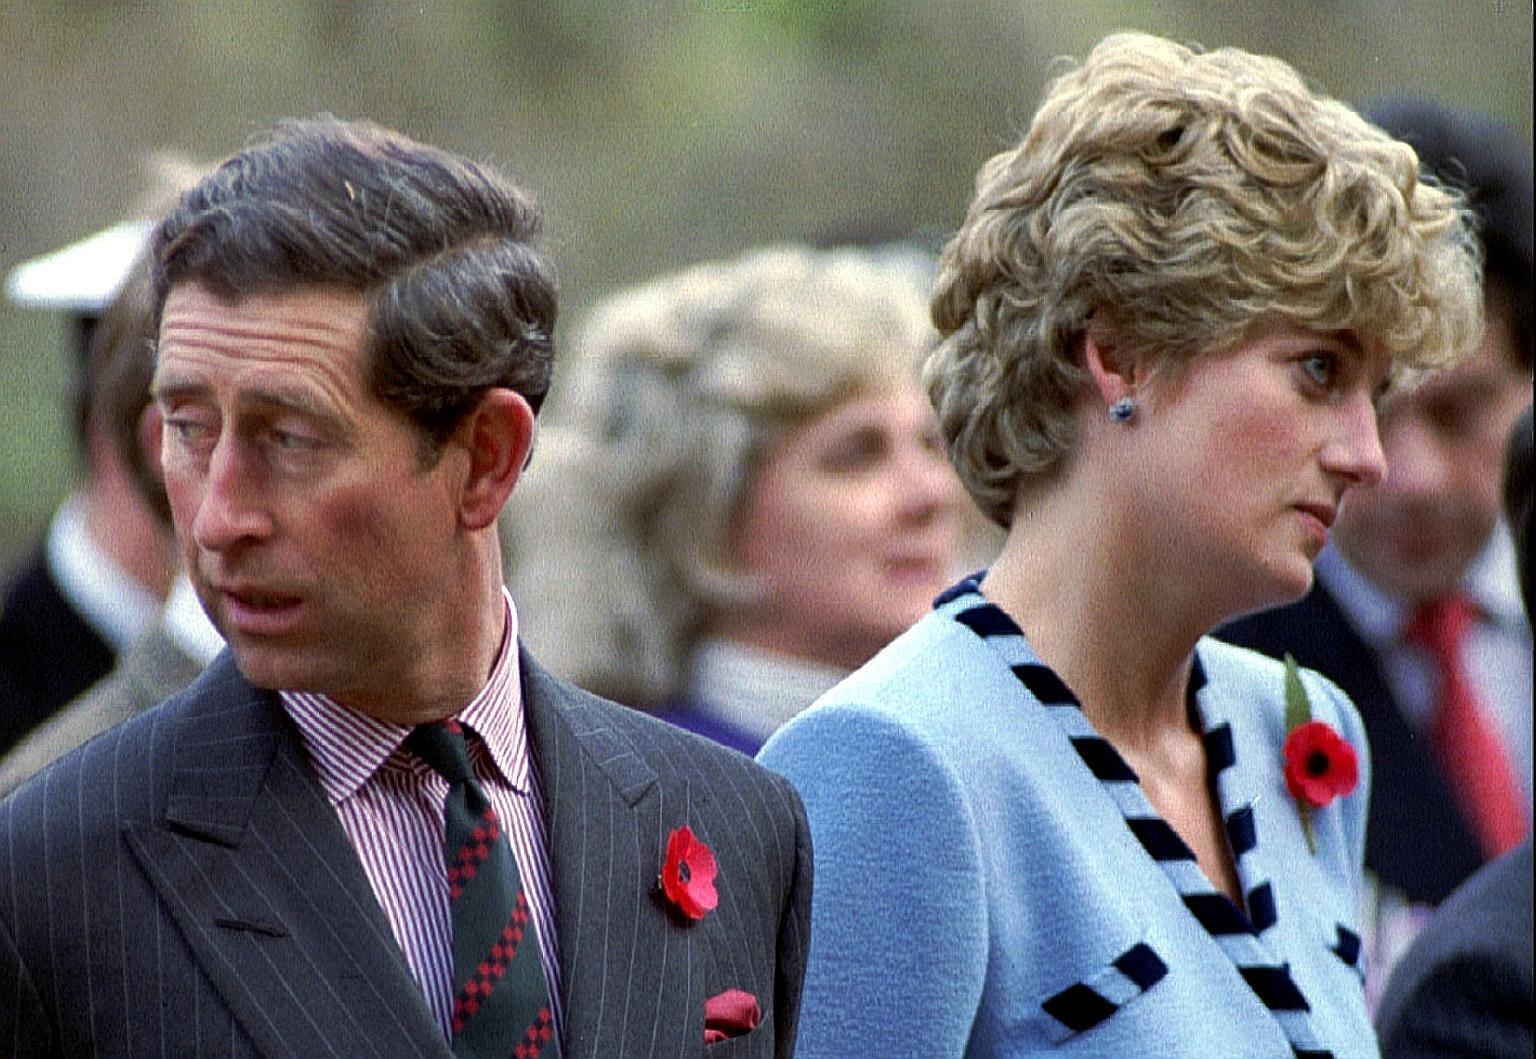 El príncipe Carlos y la princesa Diana mirando en diferentes direcciones durante un servicio conmemorativo de la Guerra de Corea en noviembre de 1992.